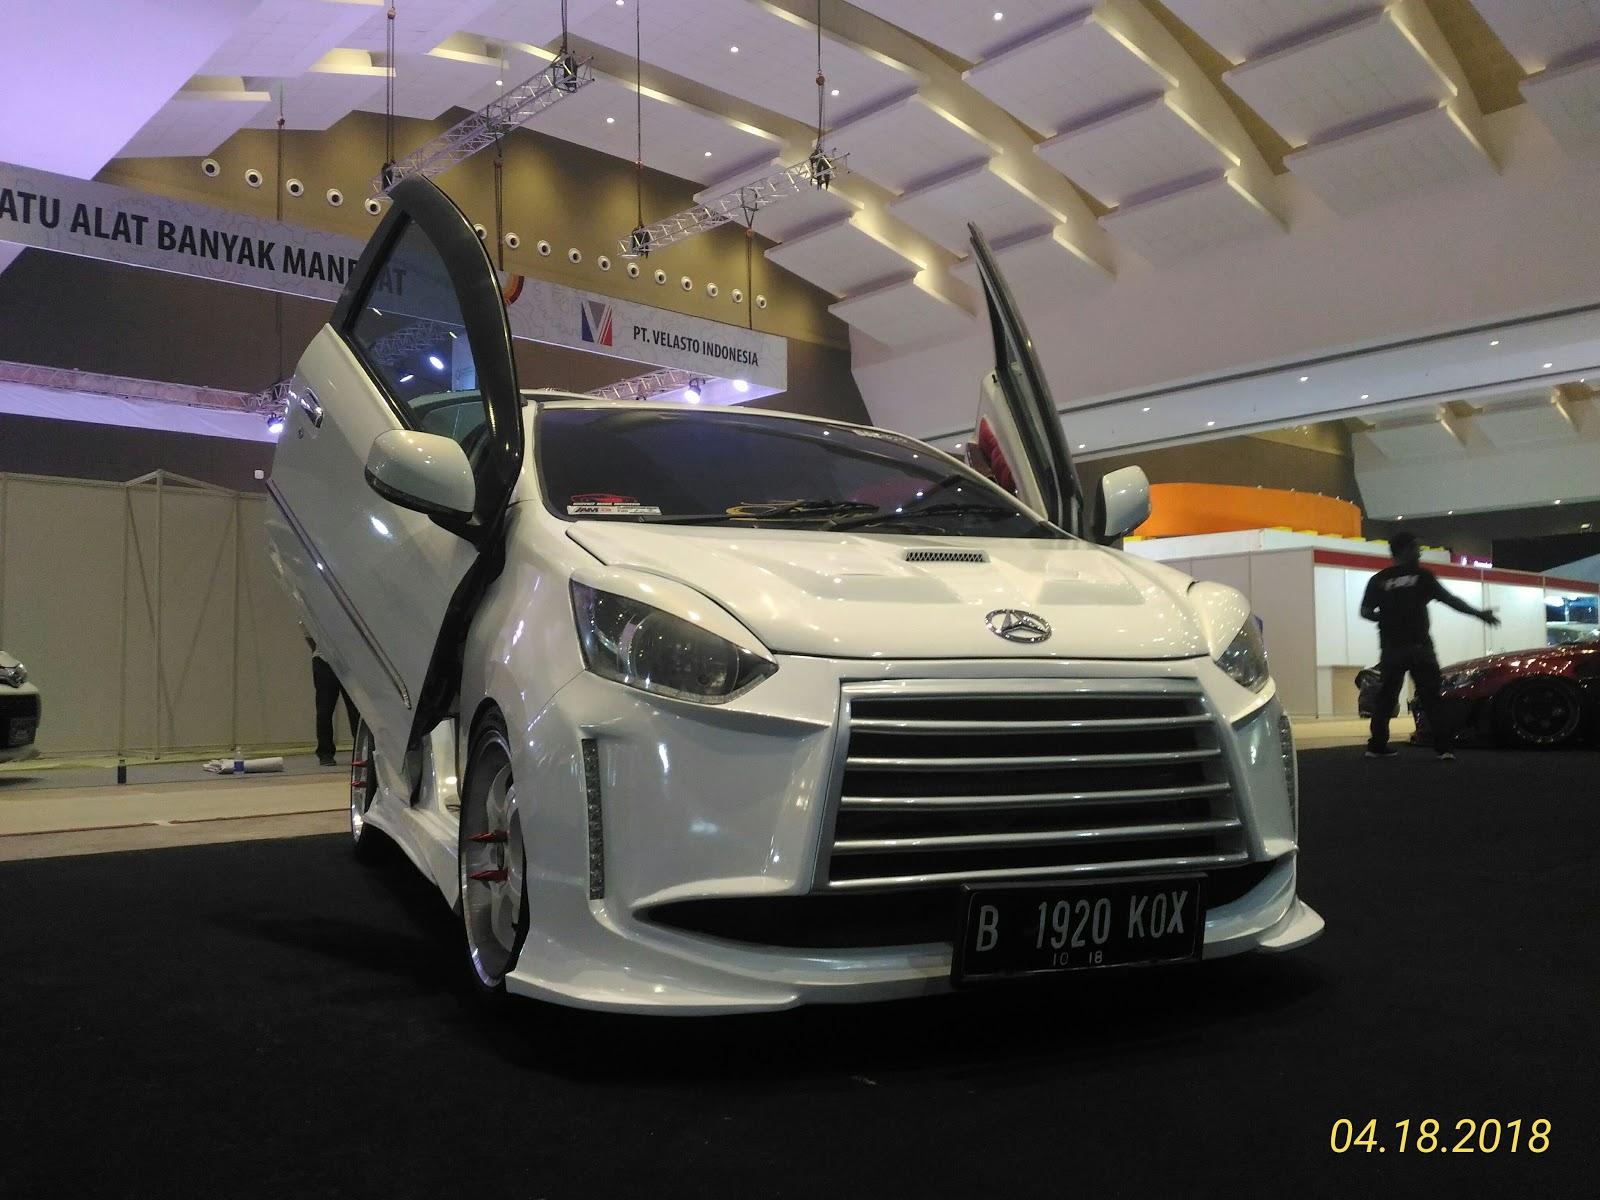 60 Koleksi Modifikasi Bemper Mobil Ayla HD Terbaru